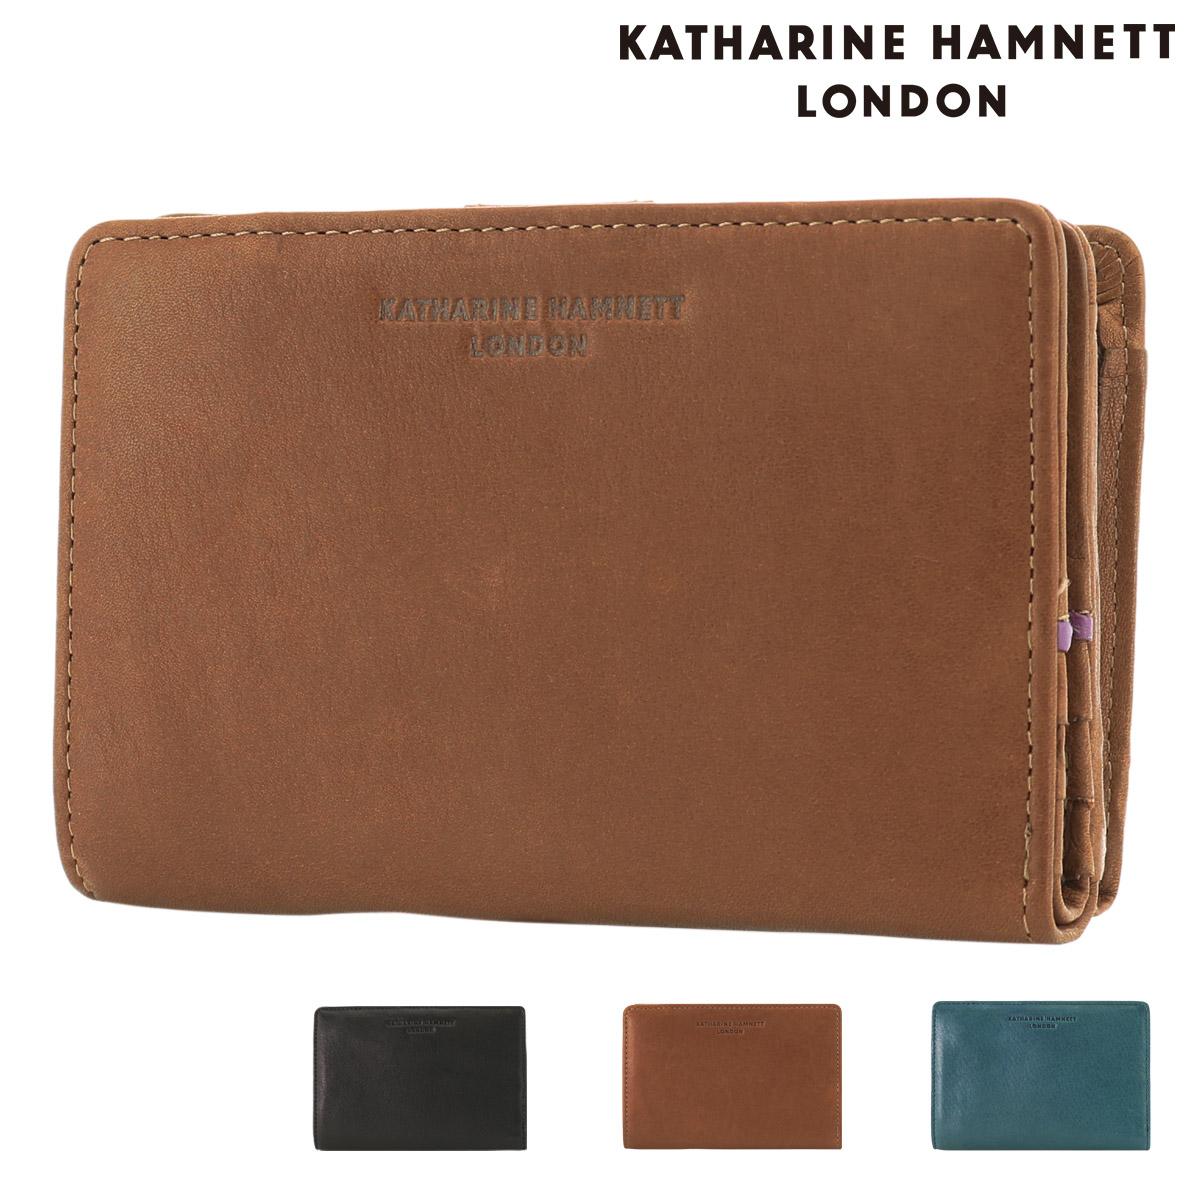 キャサリンハムネット 二つ折り財布 ソフト メンズ 490-57004 KATHARINE HAMNETT | 牛革 本革 レザー ブランド専用BOX付き [PO10]